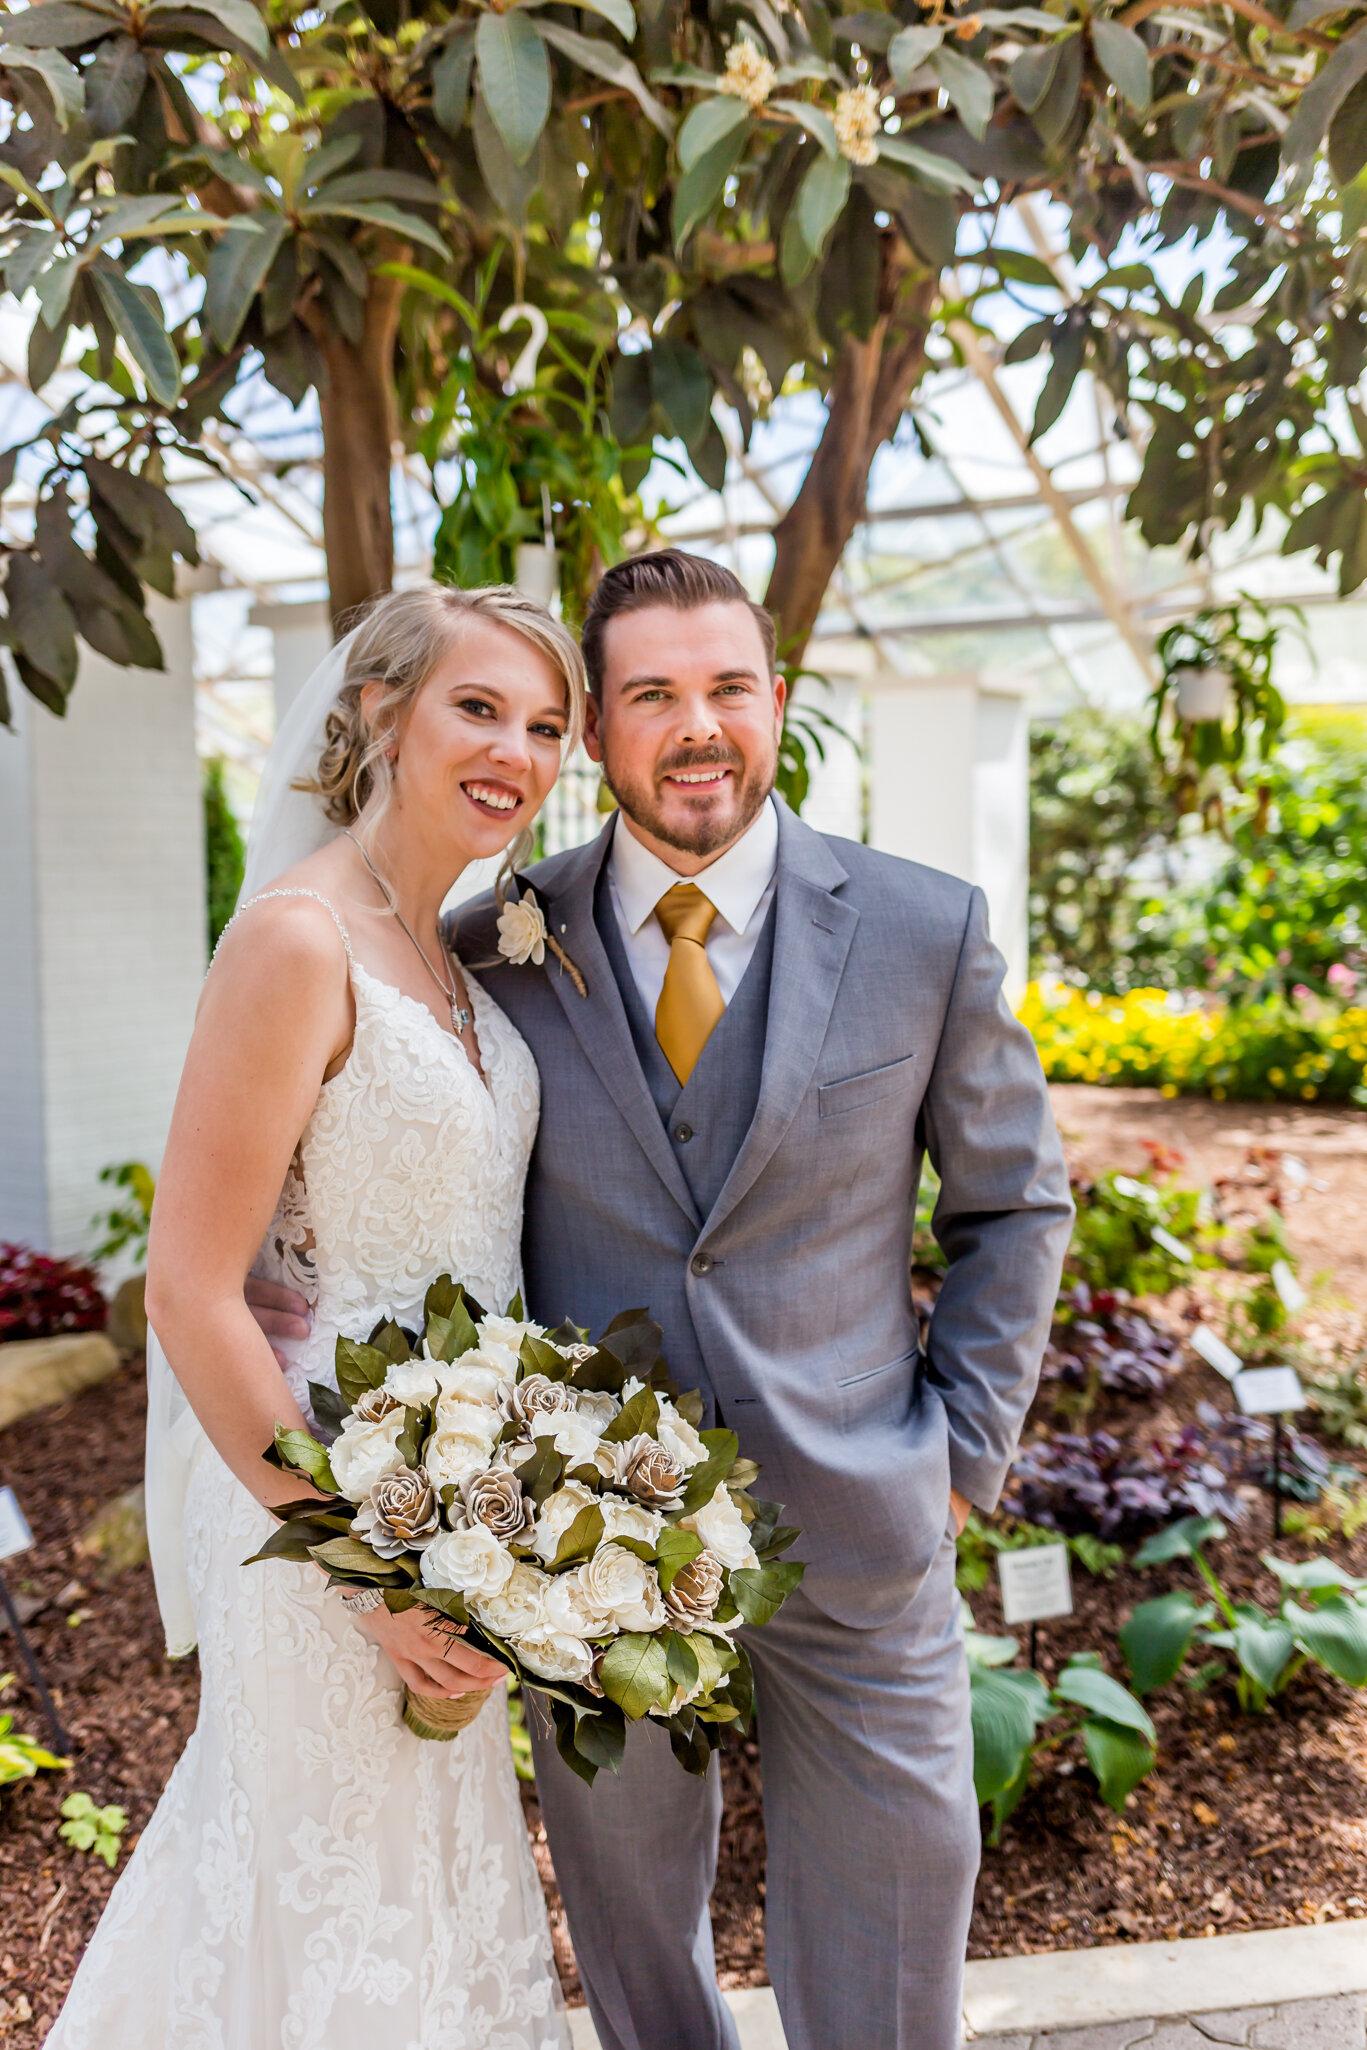 Fort Wayne Wedding Photography - SutherlandSneakPeek-2.jpg